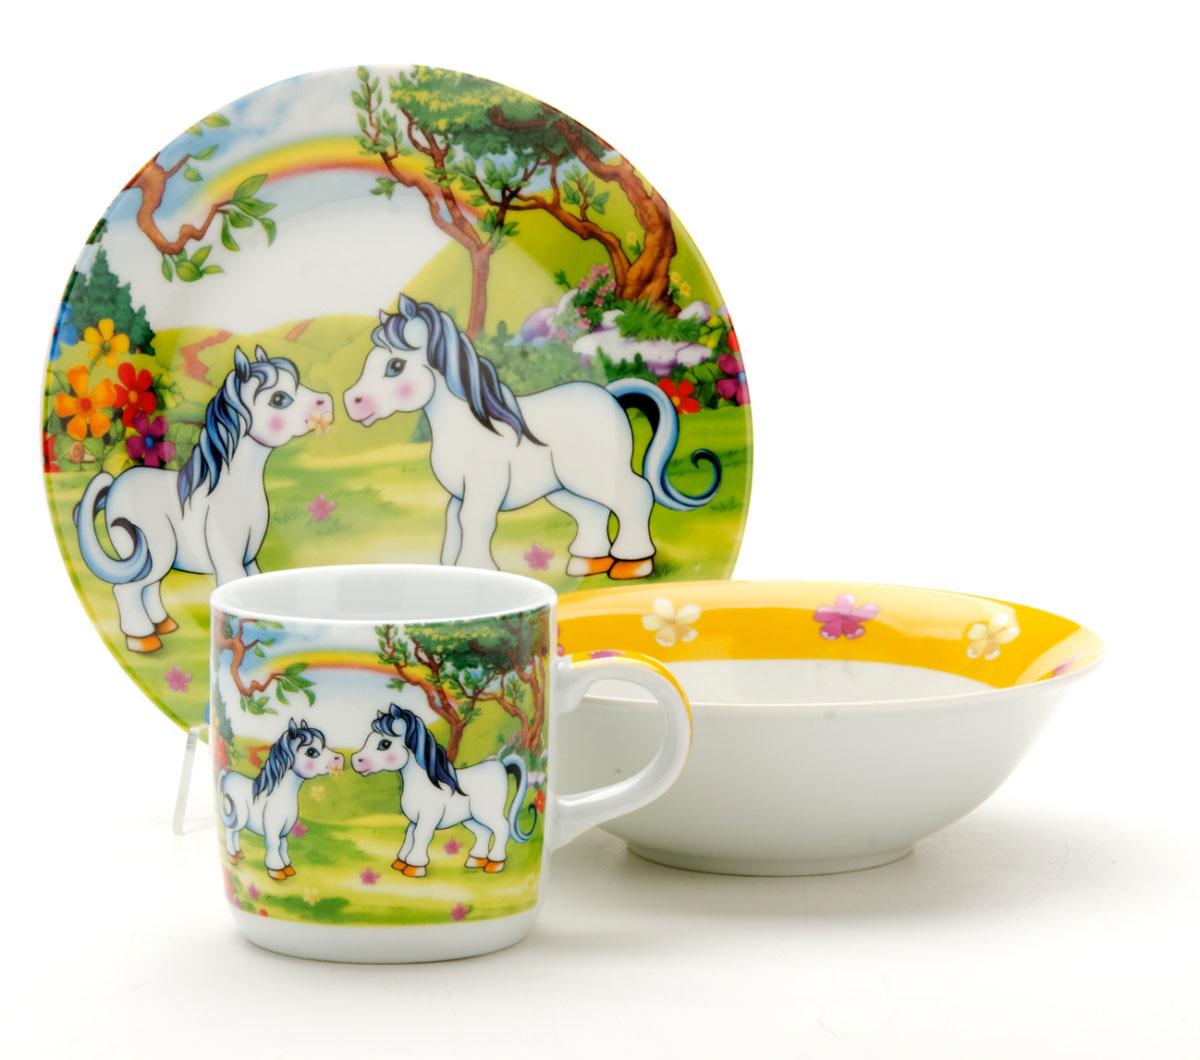 Набор посуды Mayer & Boch Пони, 3 предмета. 2286422864Набор посуды Пони сочетает в себе изысканный дизайн с максимальной функциональностью. В набор входят суповая тарелка, обеденная тарелка и кружка. Предметы набора выполнены из высококачественной керамики, декорированы красочным рисунком. Благодаря такому набору обед вашего ребенка будет еще вкуснее. Набор упакован в красочную, подарочную упаковку.